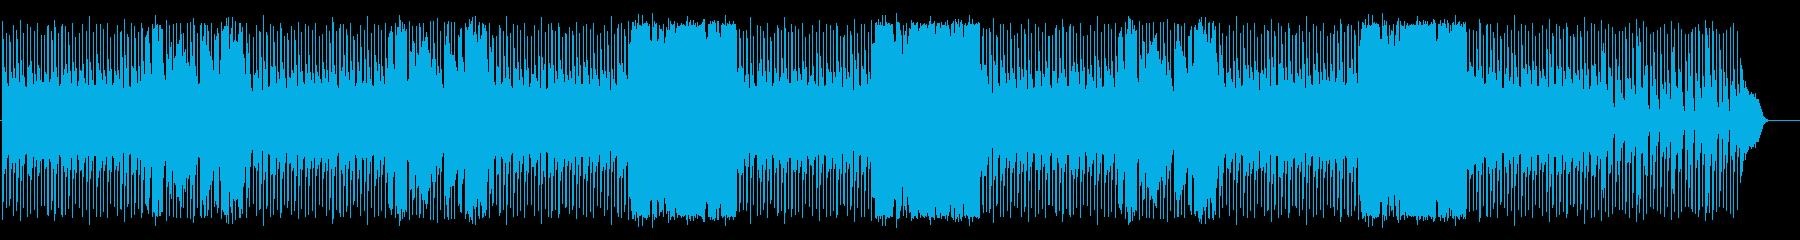 ピアノとトランペットのアーバンなジャズの再生済みの波形